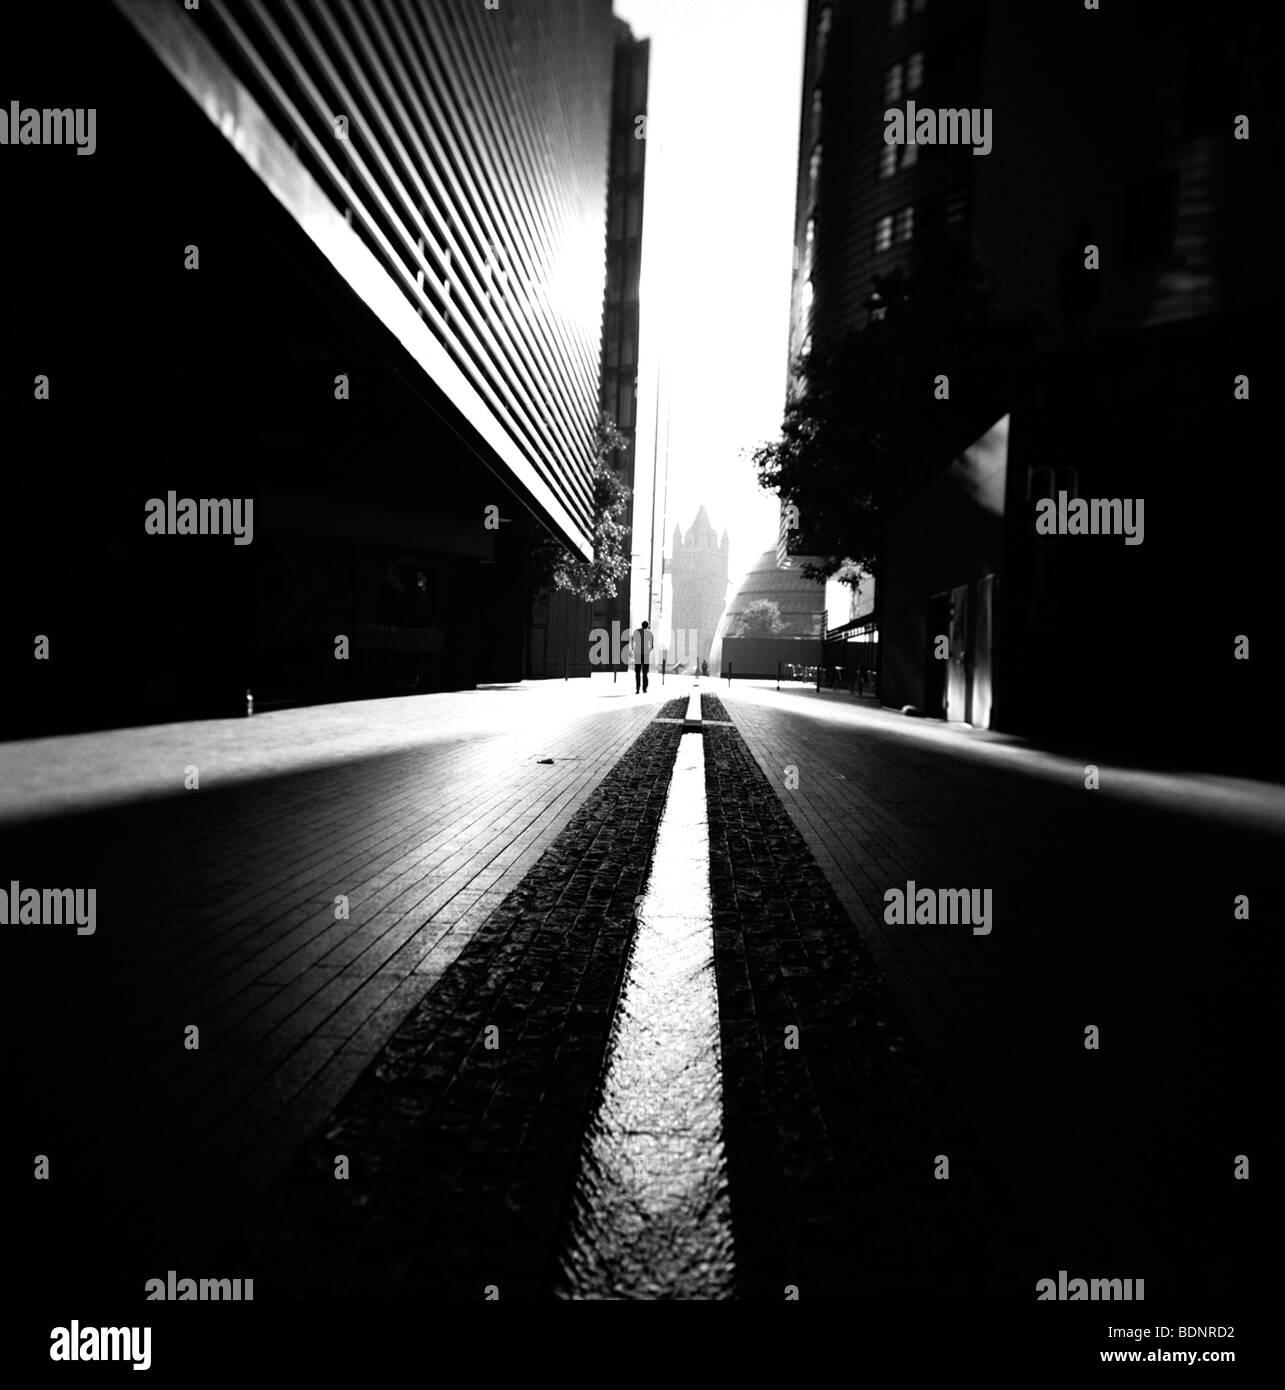 Lone figura camminando lungo la strada scura con edifici alti London Inghilterra England Immagini Stock